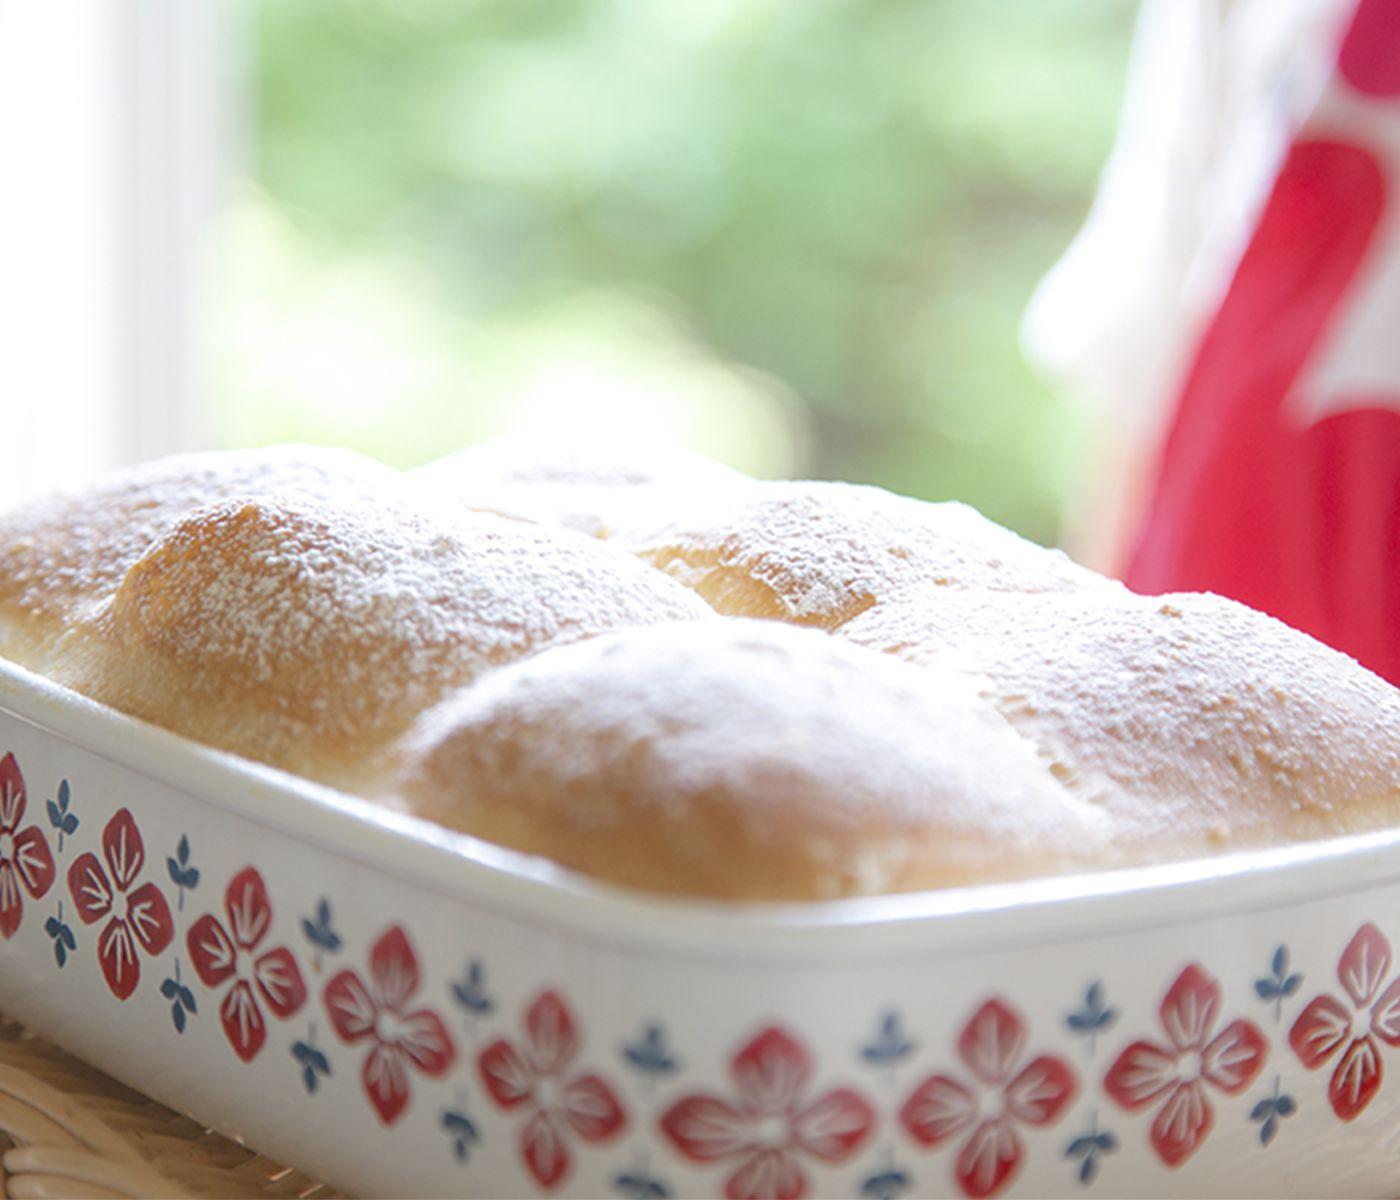 ●冷凍保存したパンを美味しく復活させる焼き戻しのやり方は?